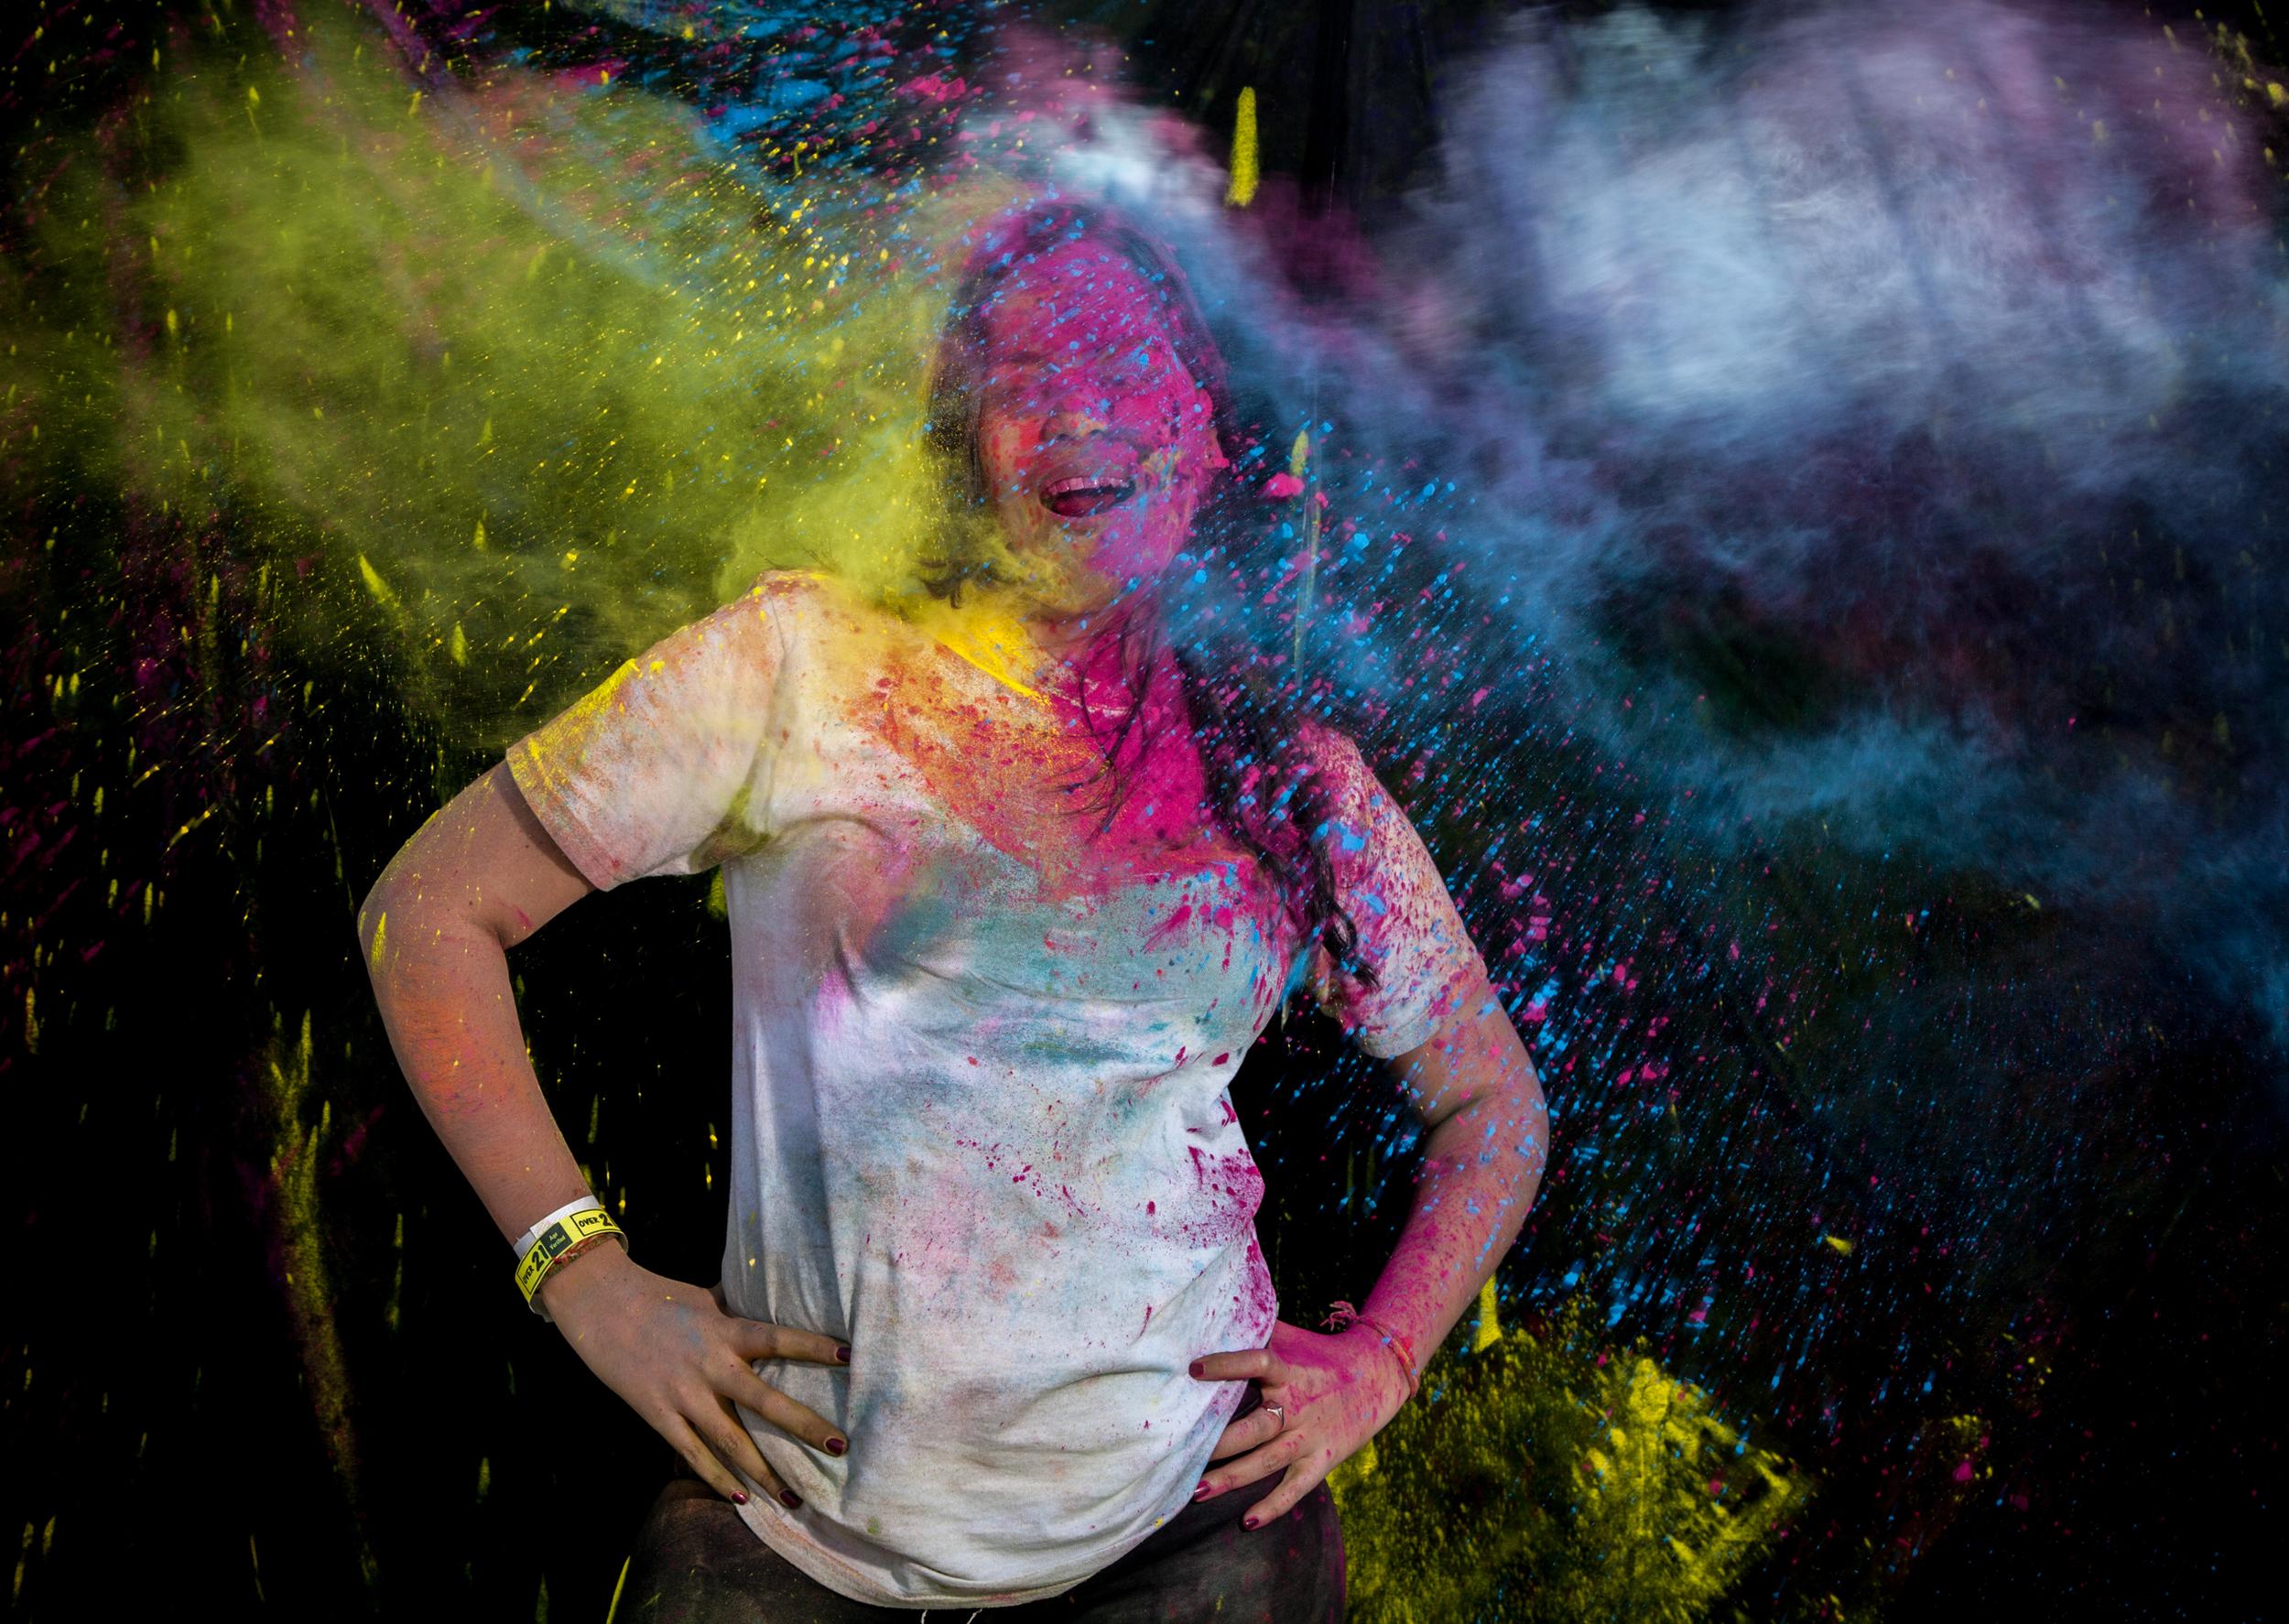 20160423_Festival_Of_Color-1951.jpg